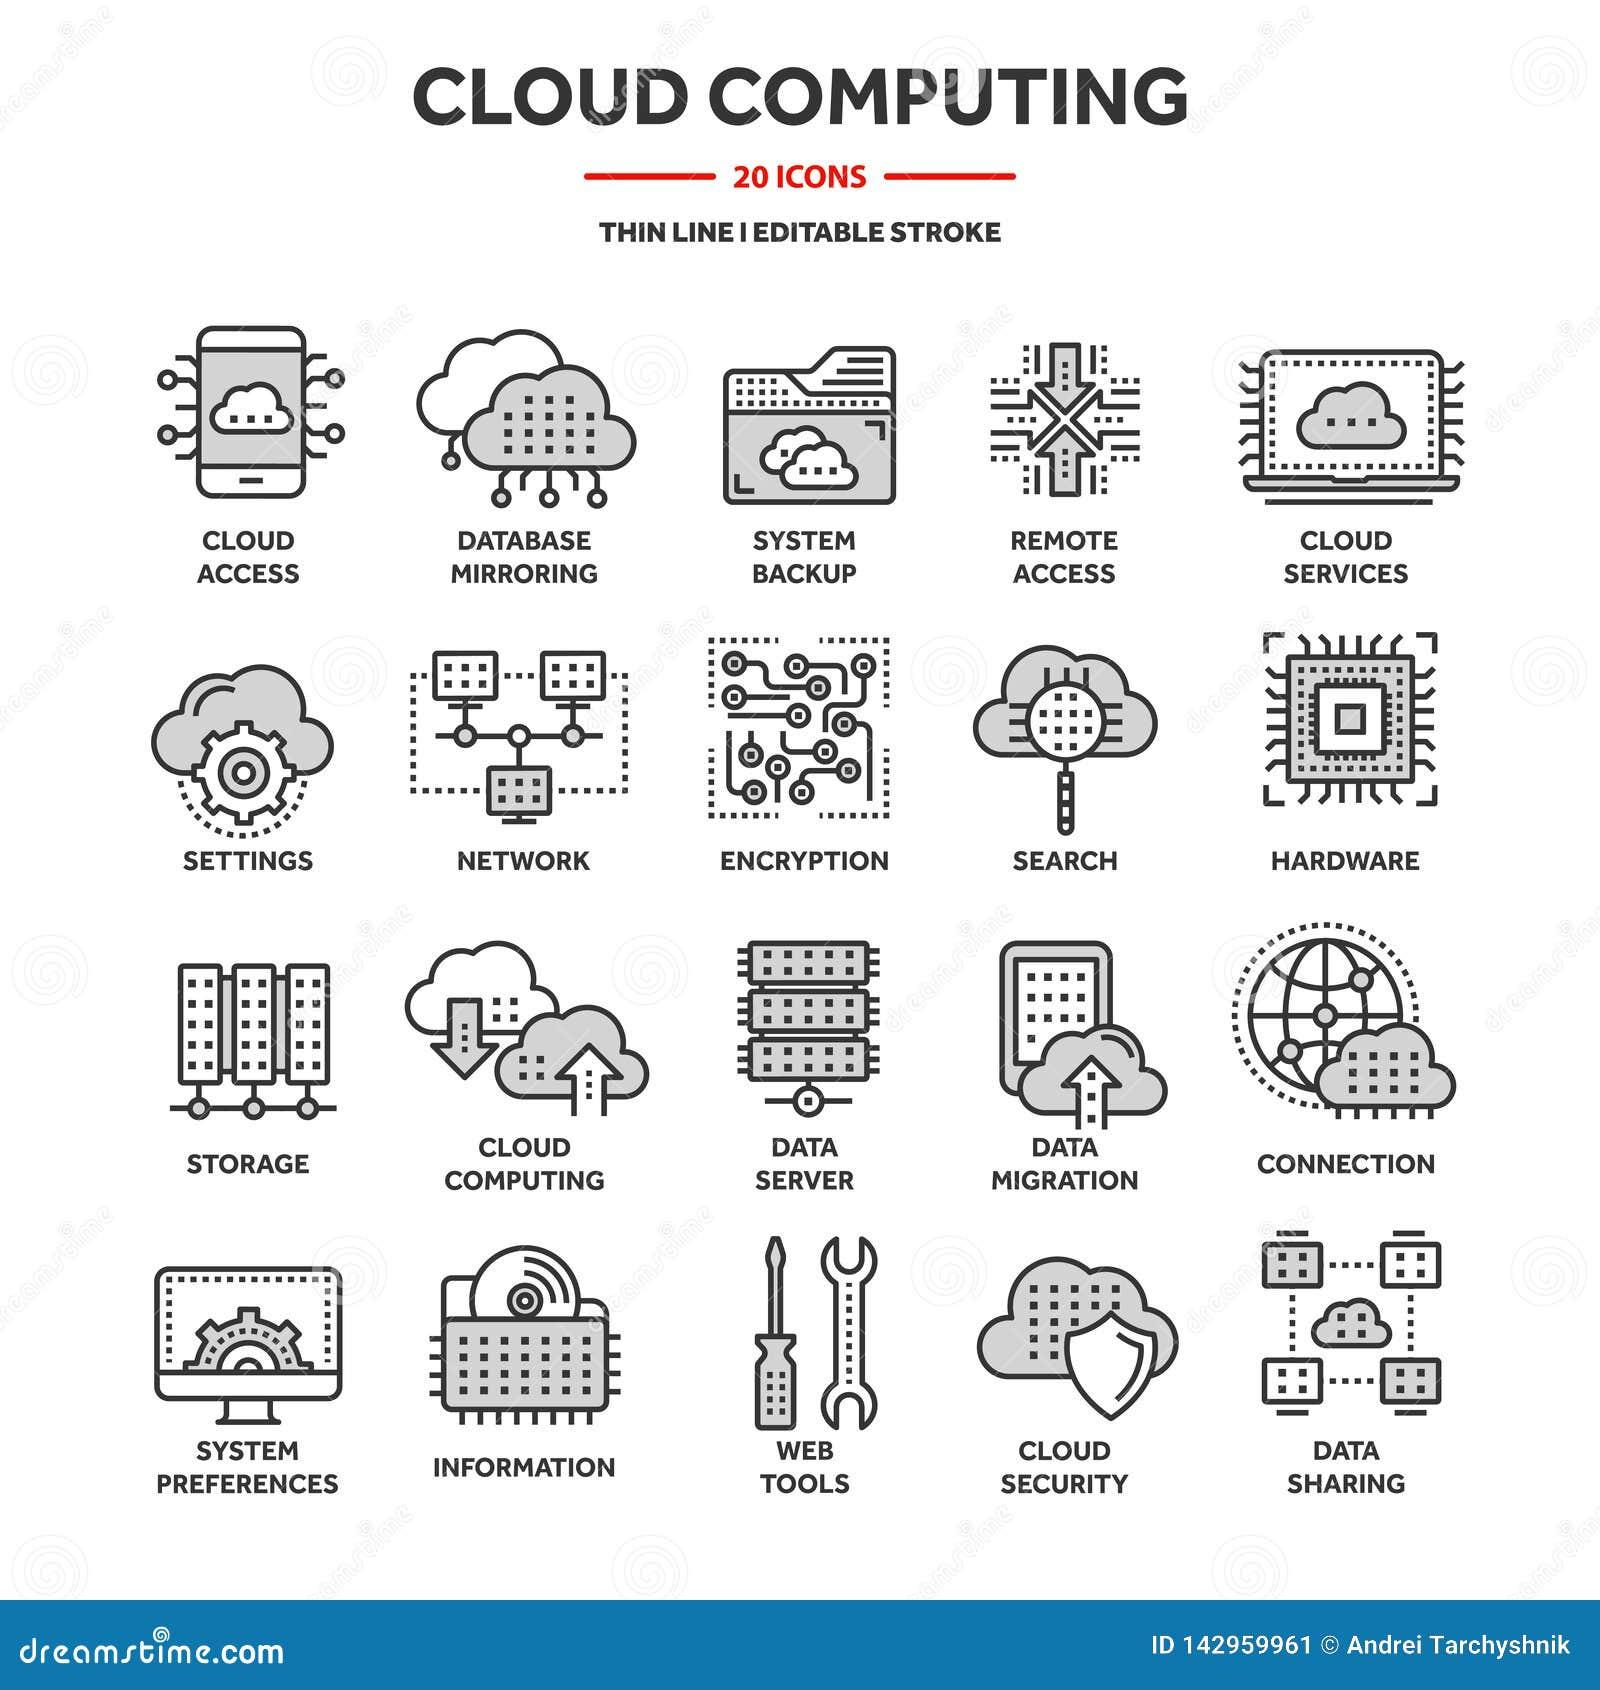 SMAU 2010 - Microsoft se nubla la computación Tecnología del Internet Servicios onlines Datos, seguridad de información conexión